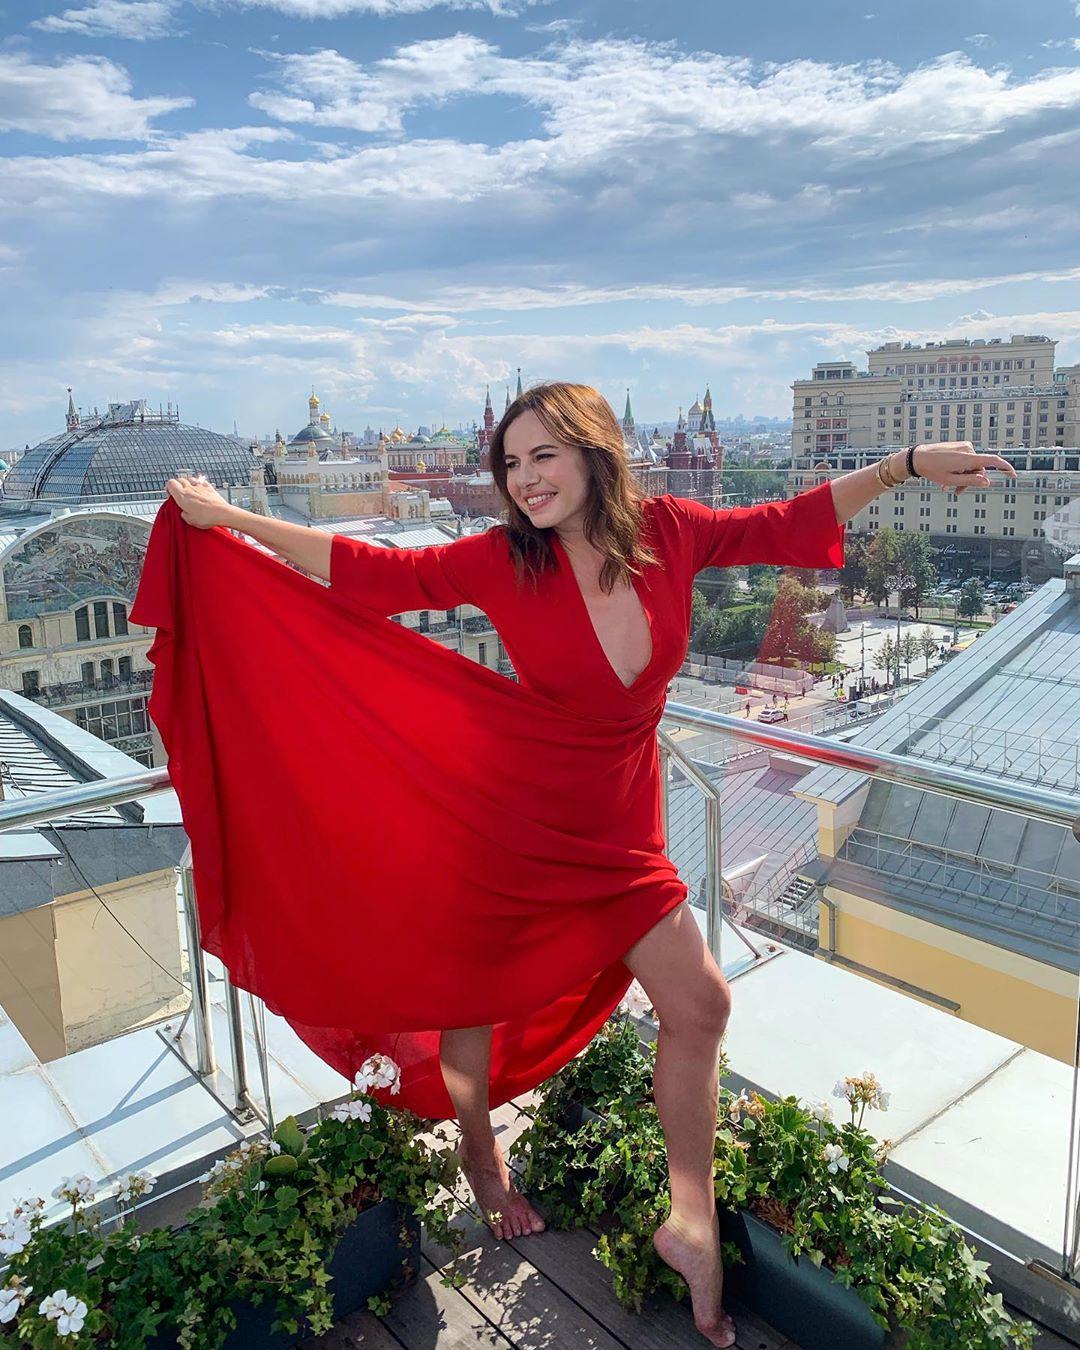 Оксана Лаврентьева сегодня